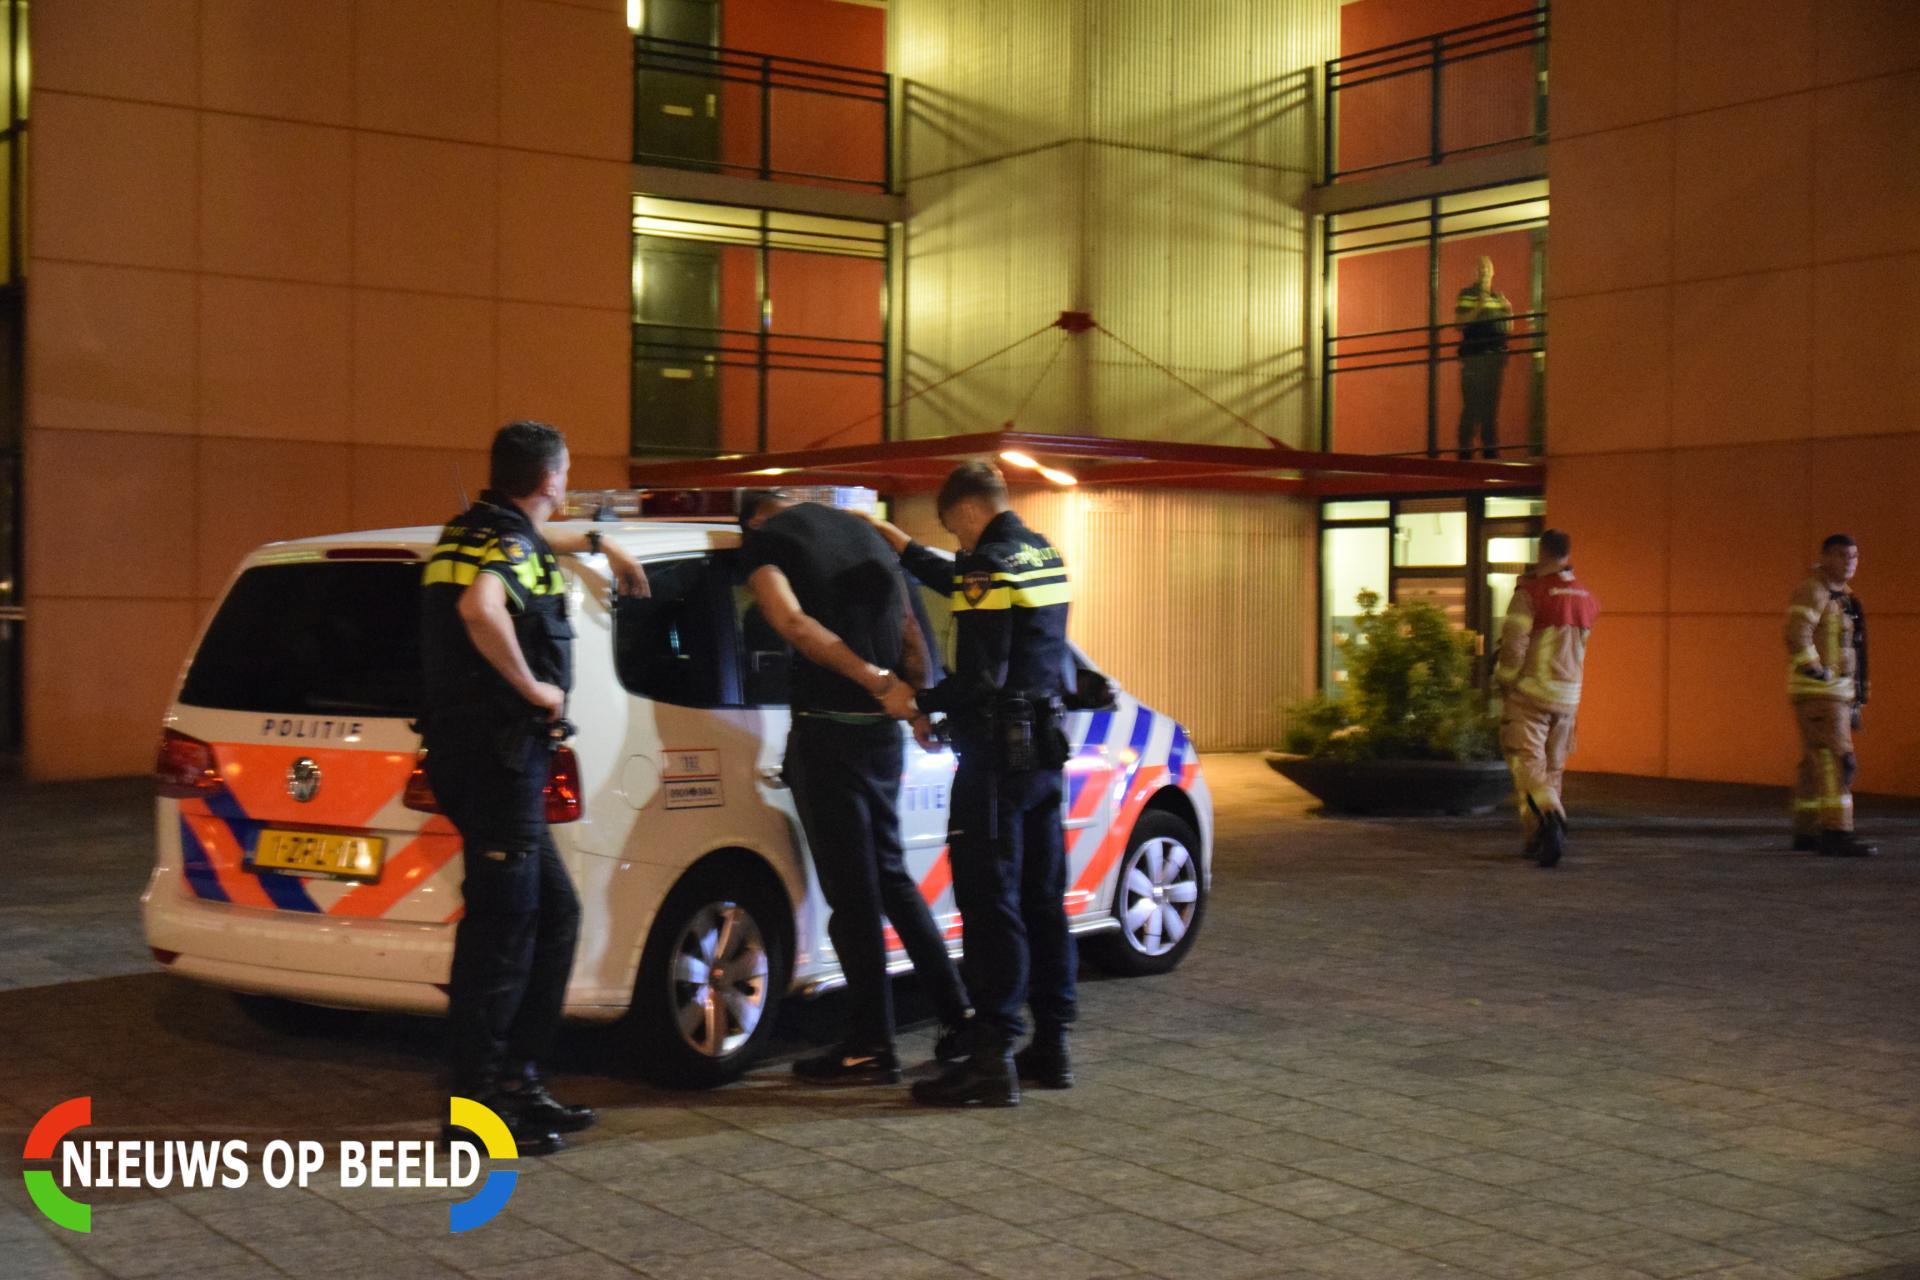 Meerdere aanhoudingen na inbraken in de regio Den Haag